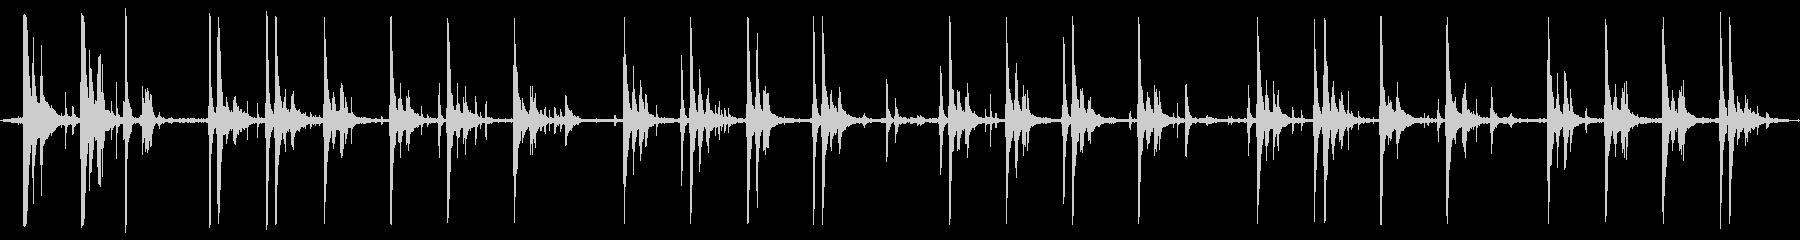 パンチプレス、ワークショップ; D...の未再生の波形